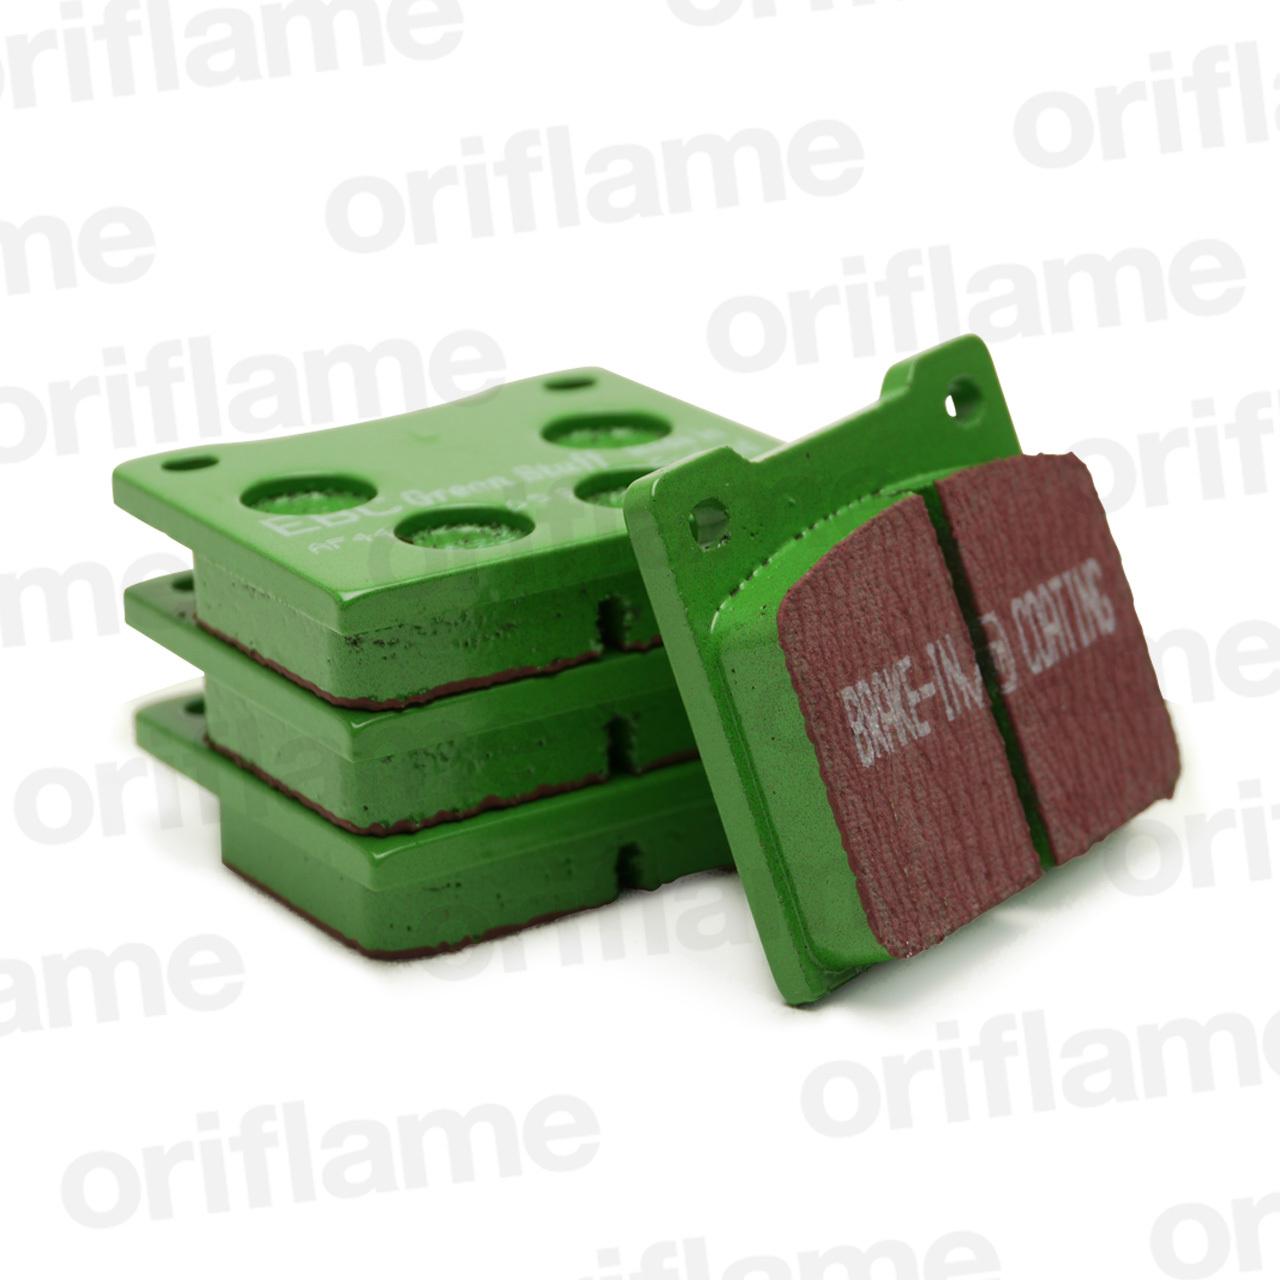 ロータス・ヨーロッパ・フロントブレーキパッド・EBC製・グリーン